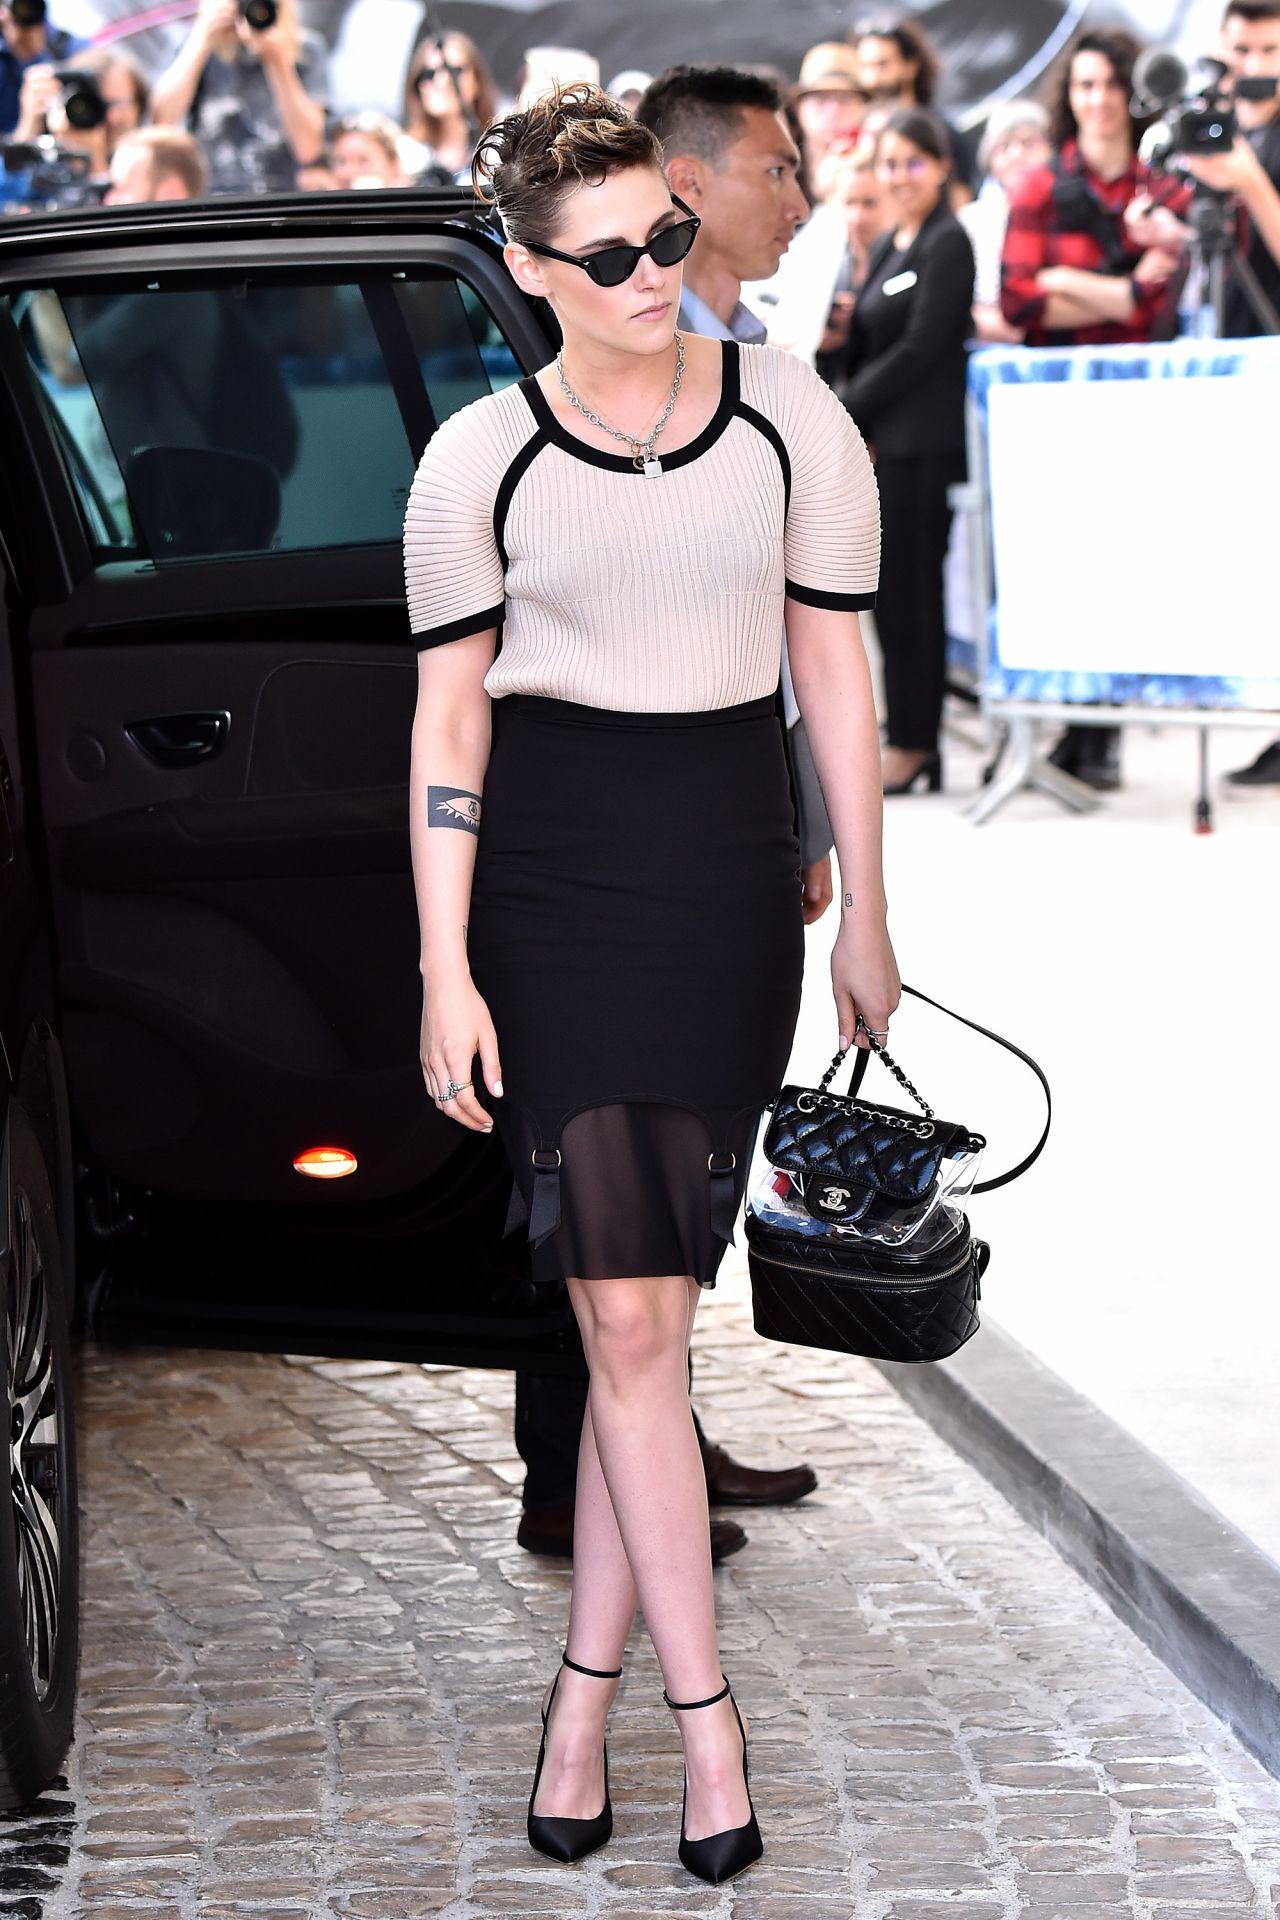 Kristen Stewart Martinez Hotel In Cannes 05 07 2018